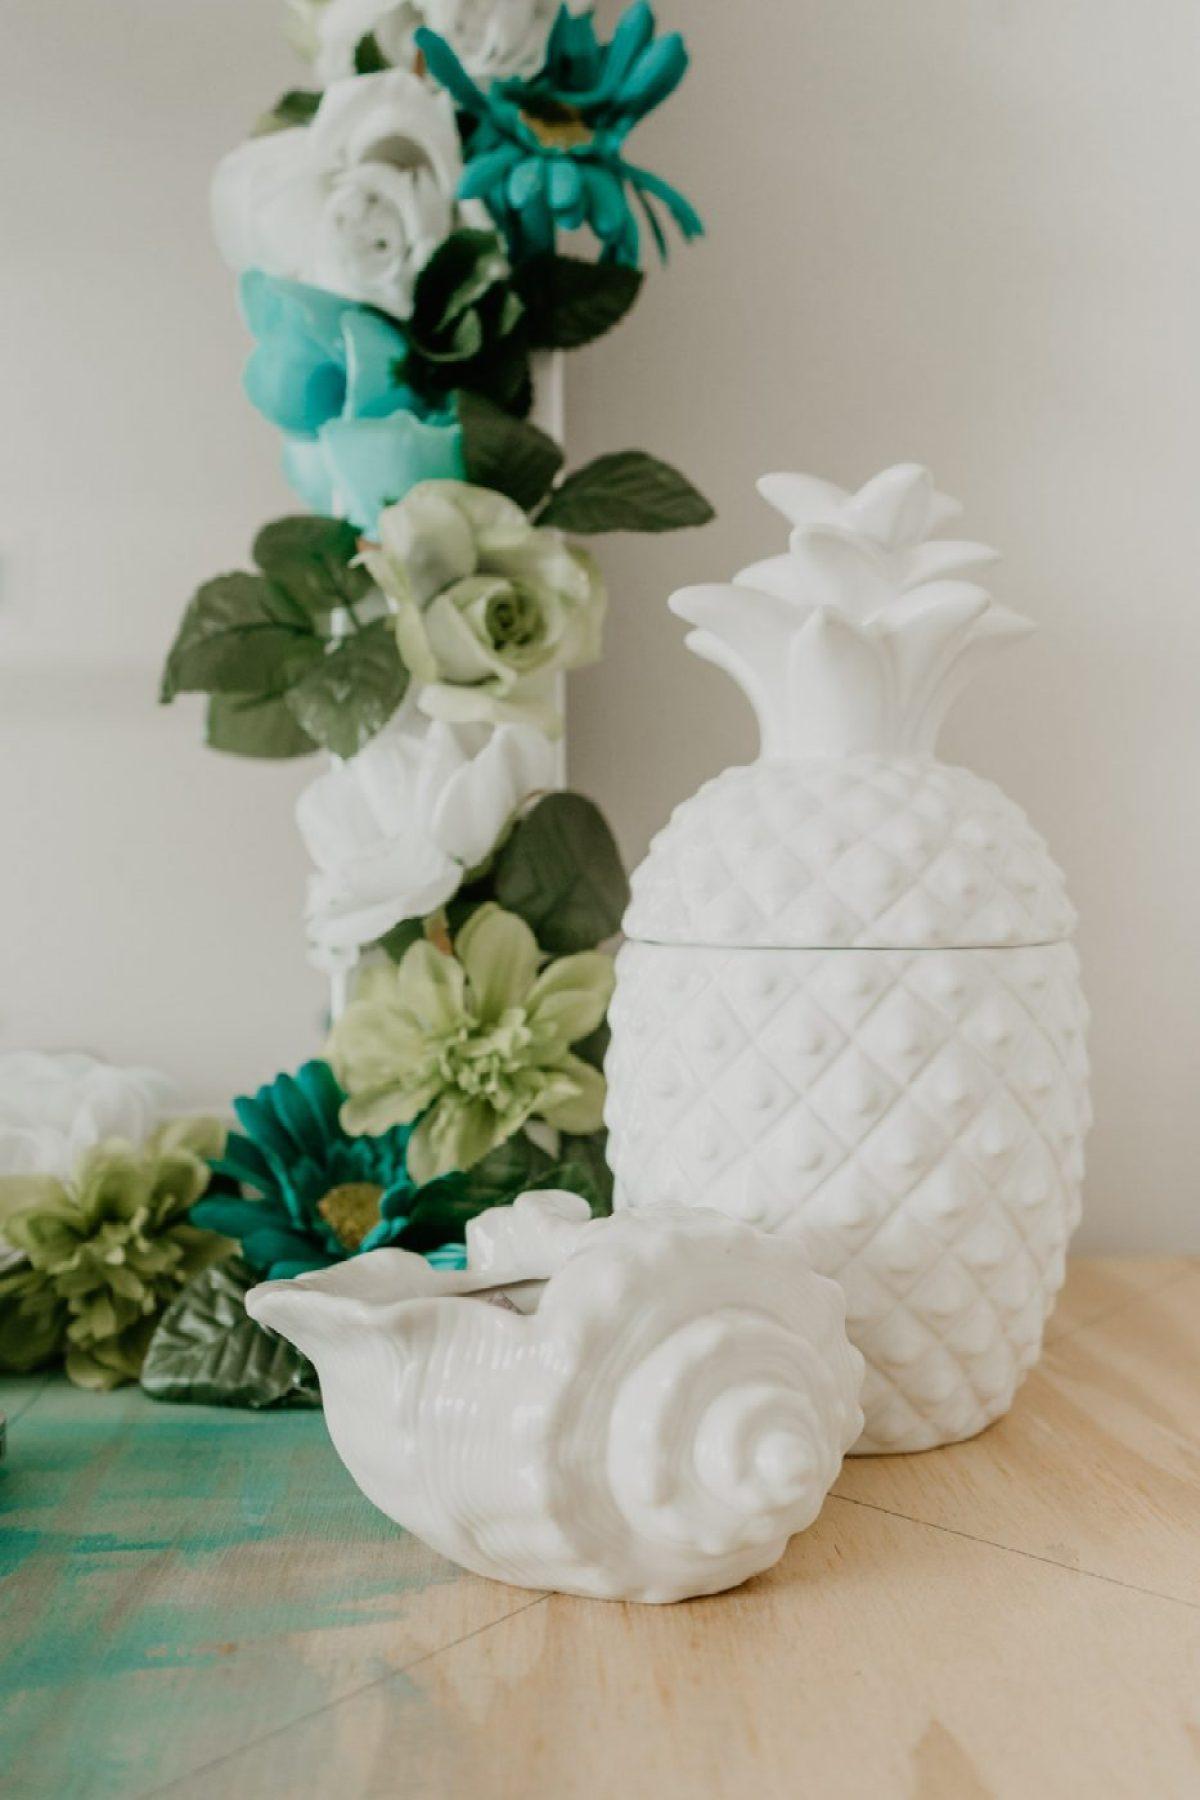 Details of DIY Flower Mirror - Sweet Teal